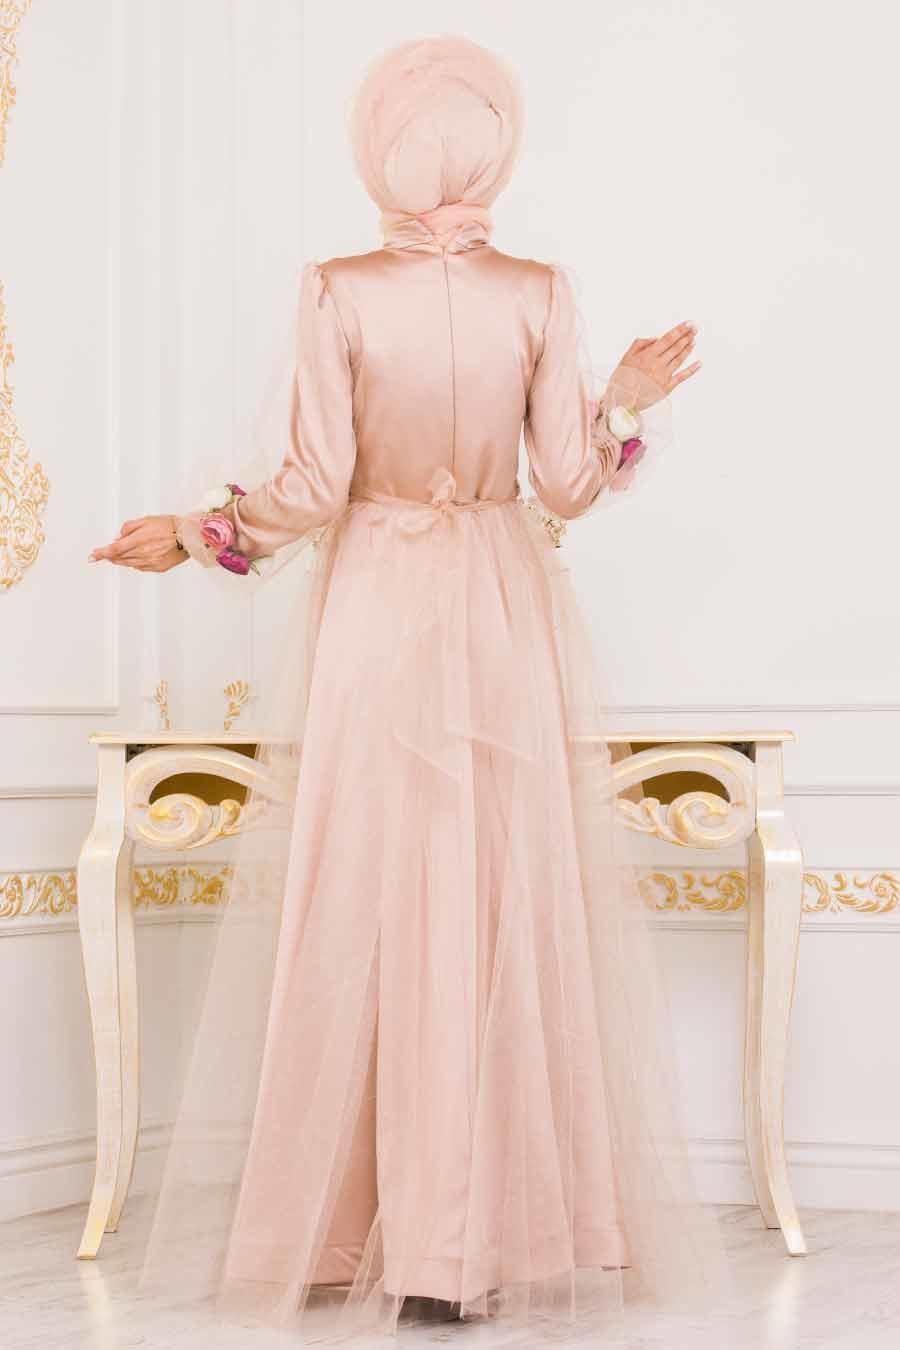 Tesettürlü Abiye Elbise - Kolları Çiçek Detaylı Gold Tesettür Abiye Elbise 3946GOLD